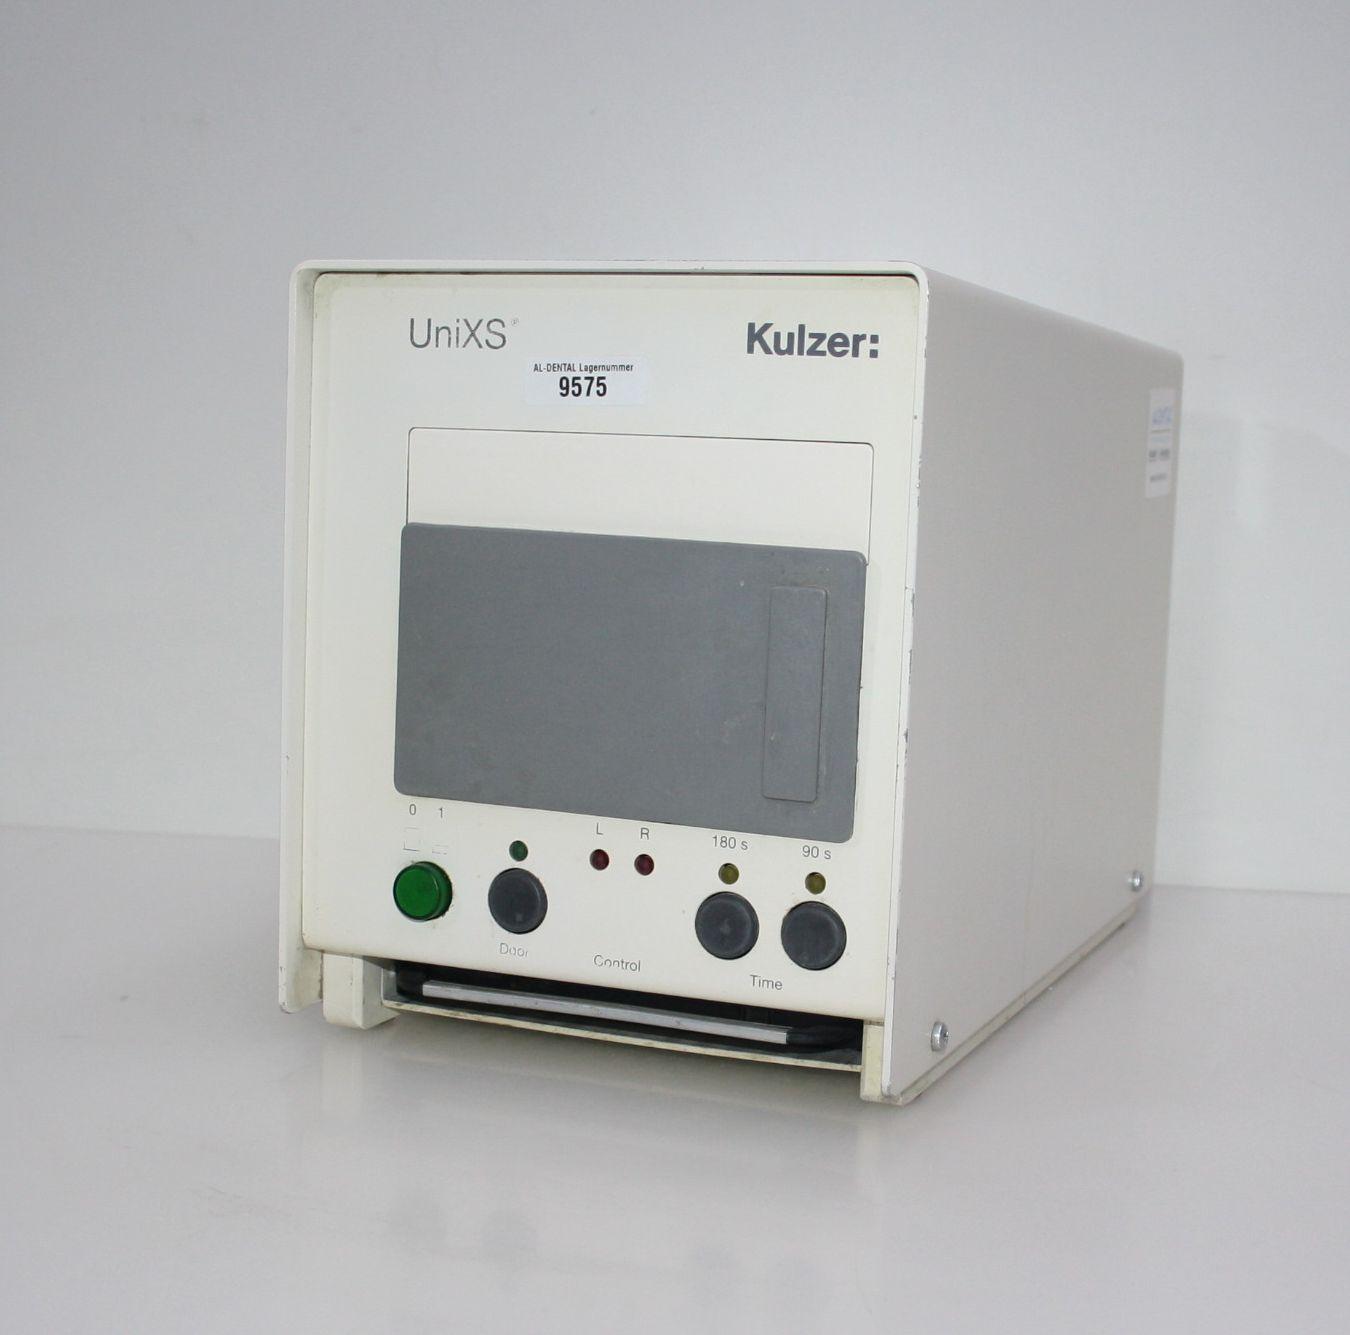 KULZER Hochleistungs-Lichtpolymerisationsgerät UniXS  # 9575